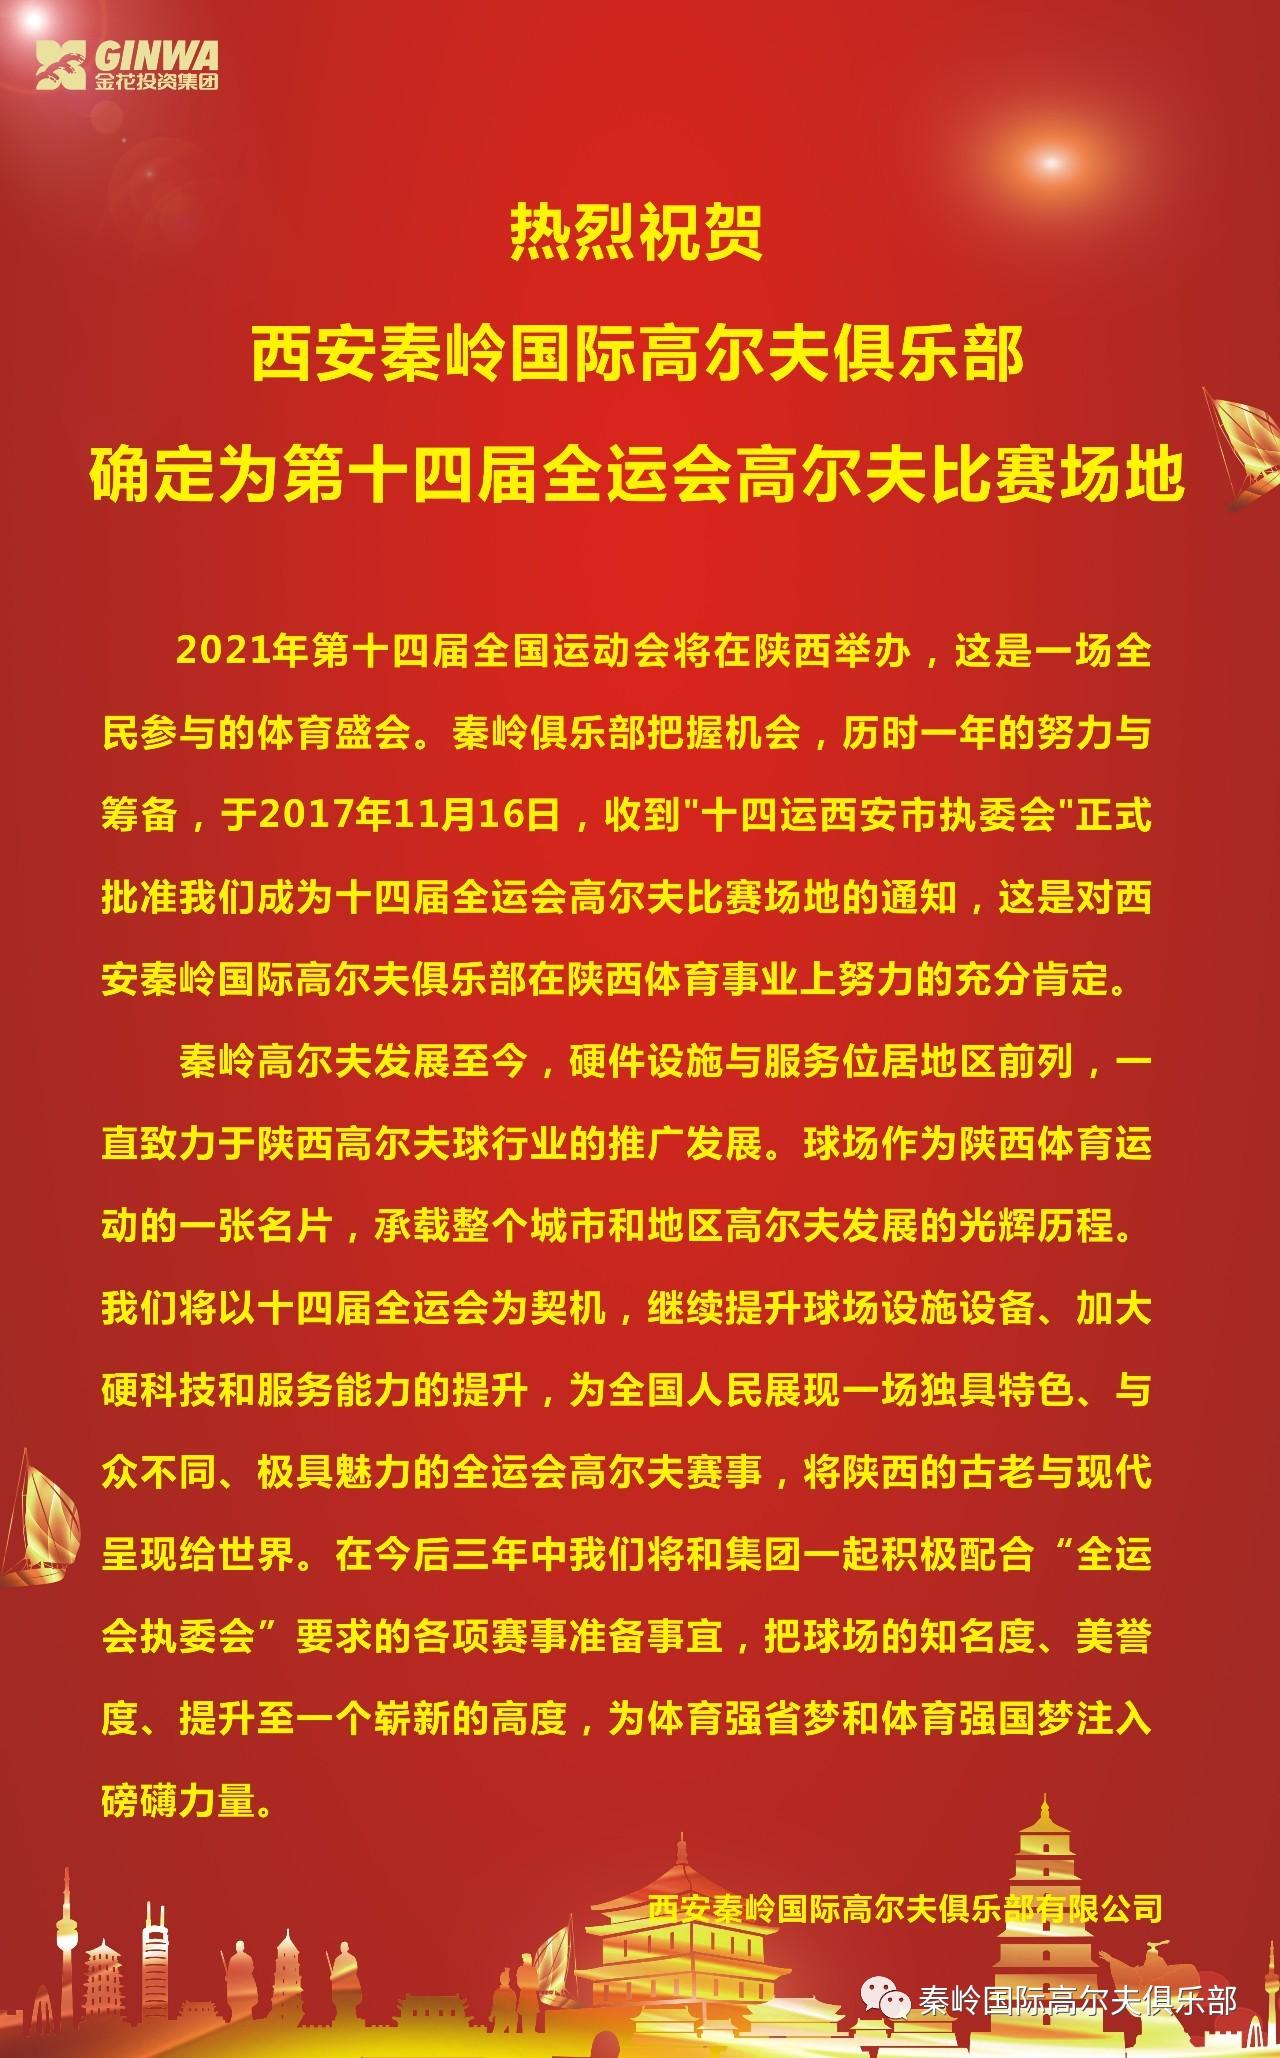 西安秦岭国际确定为2021年全运会高尔夫比赛场地